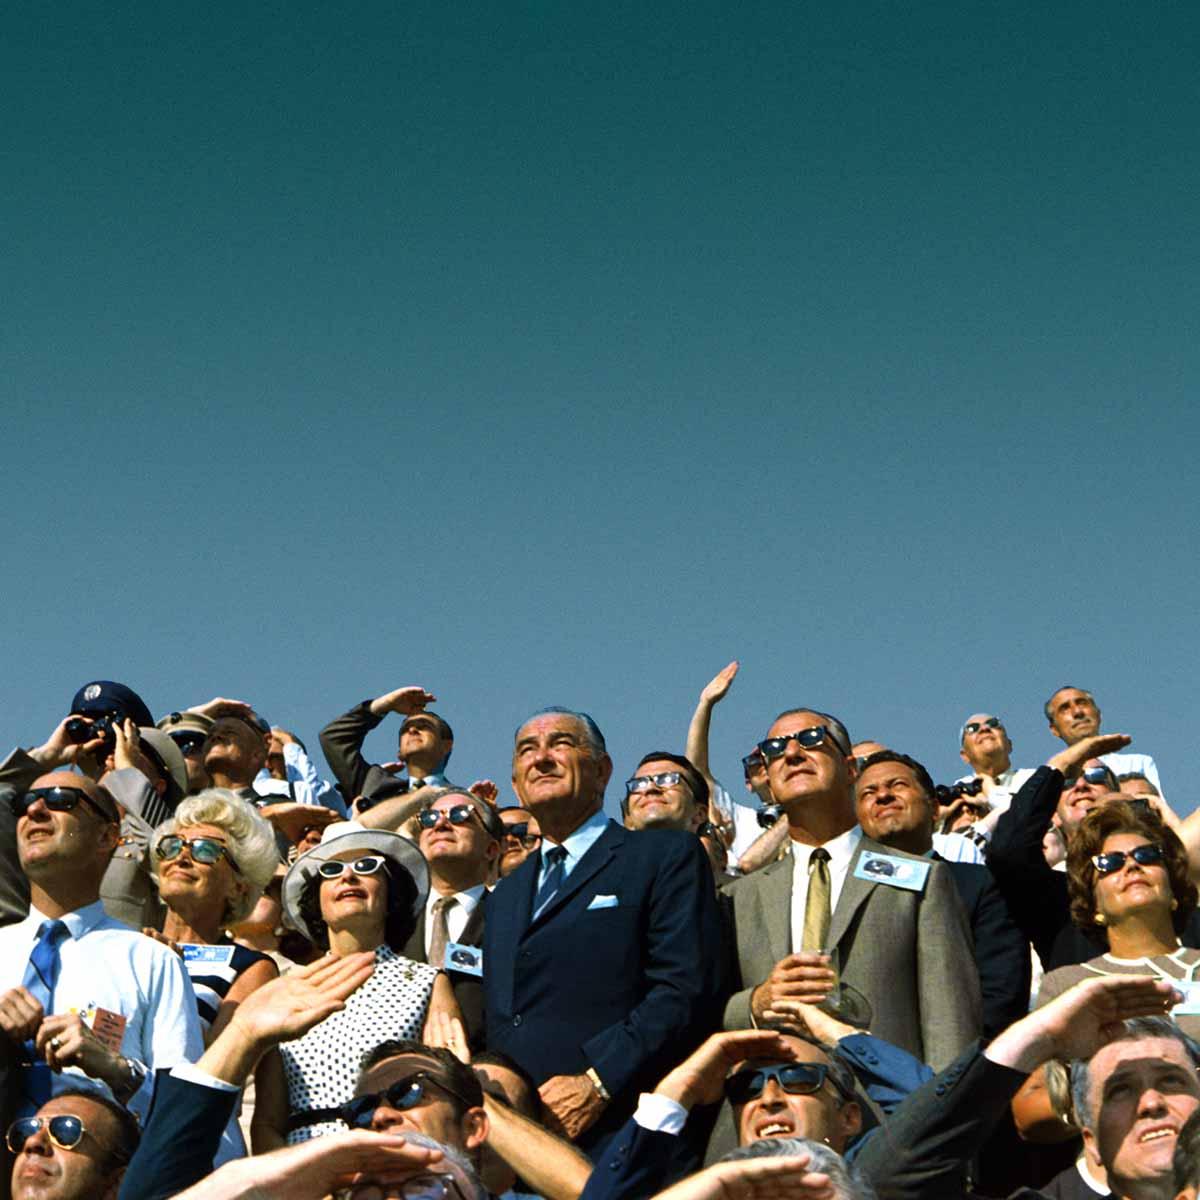 nasa crowds - HD1200×1200